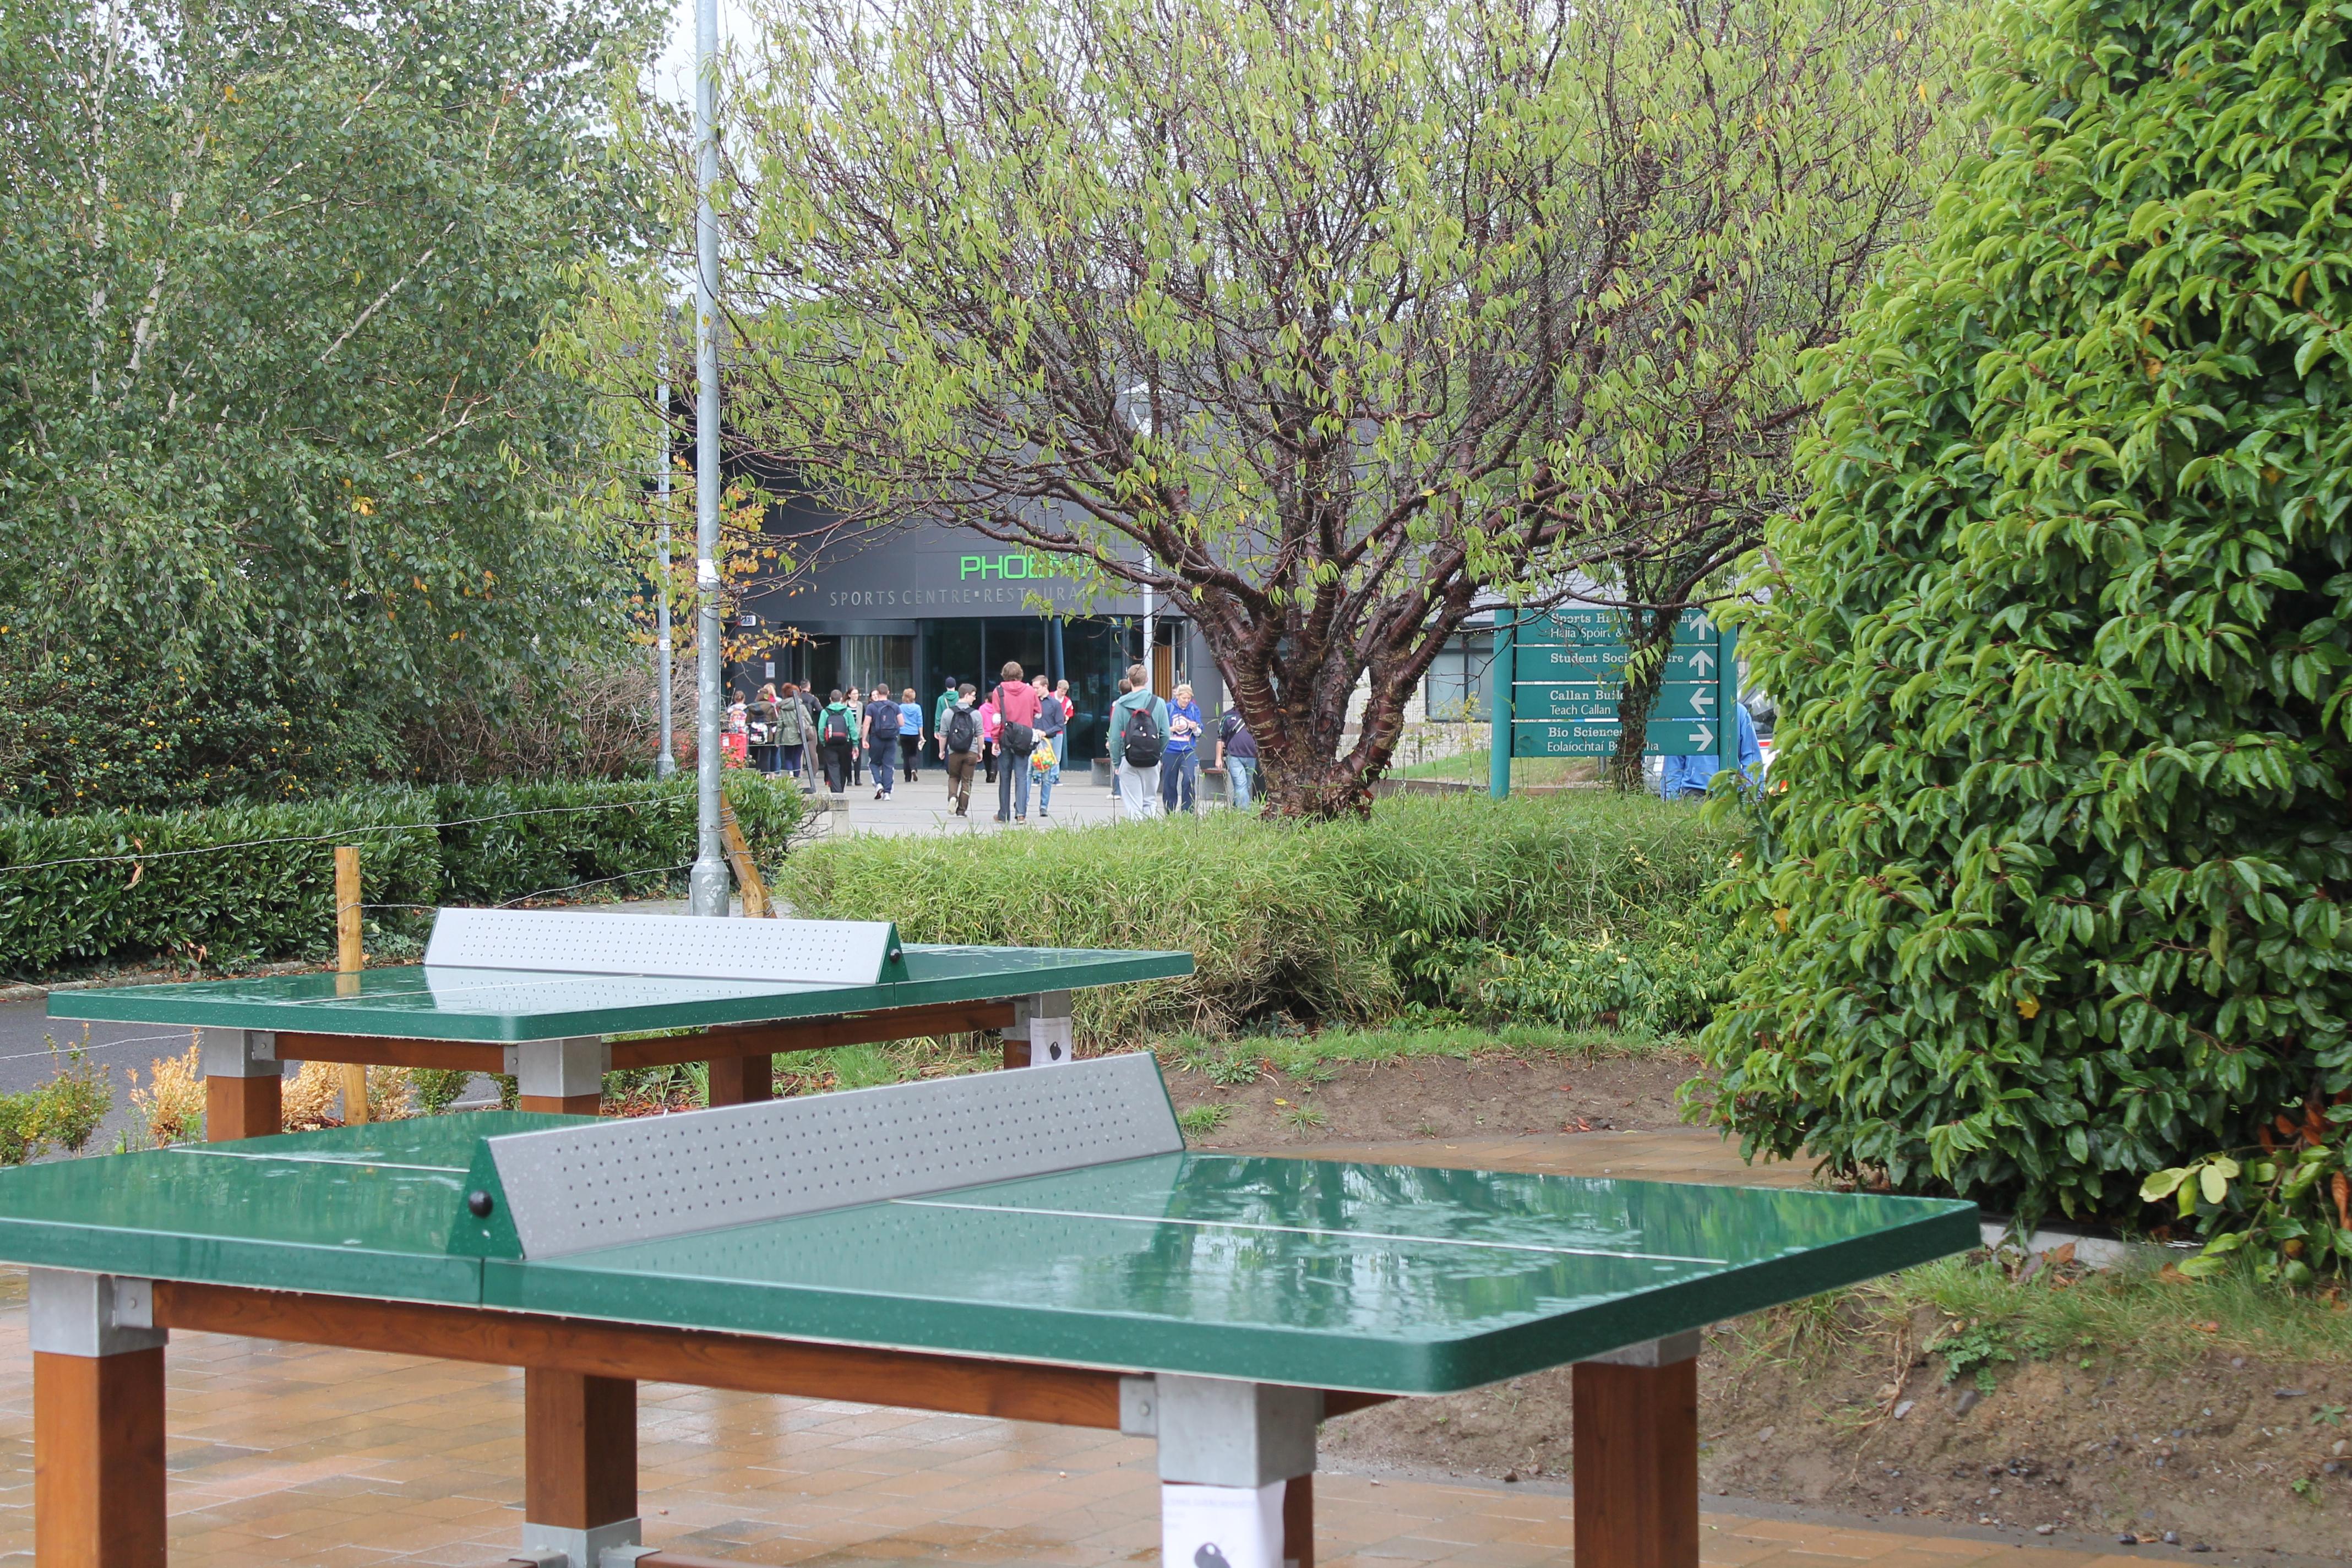 Table Tennis - Leadóg Bhoird